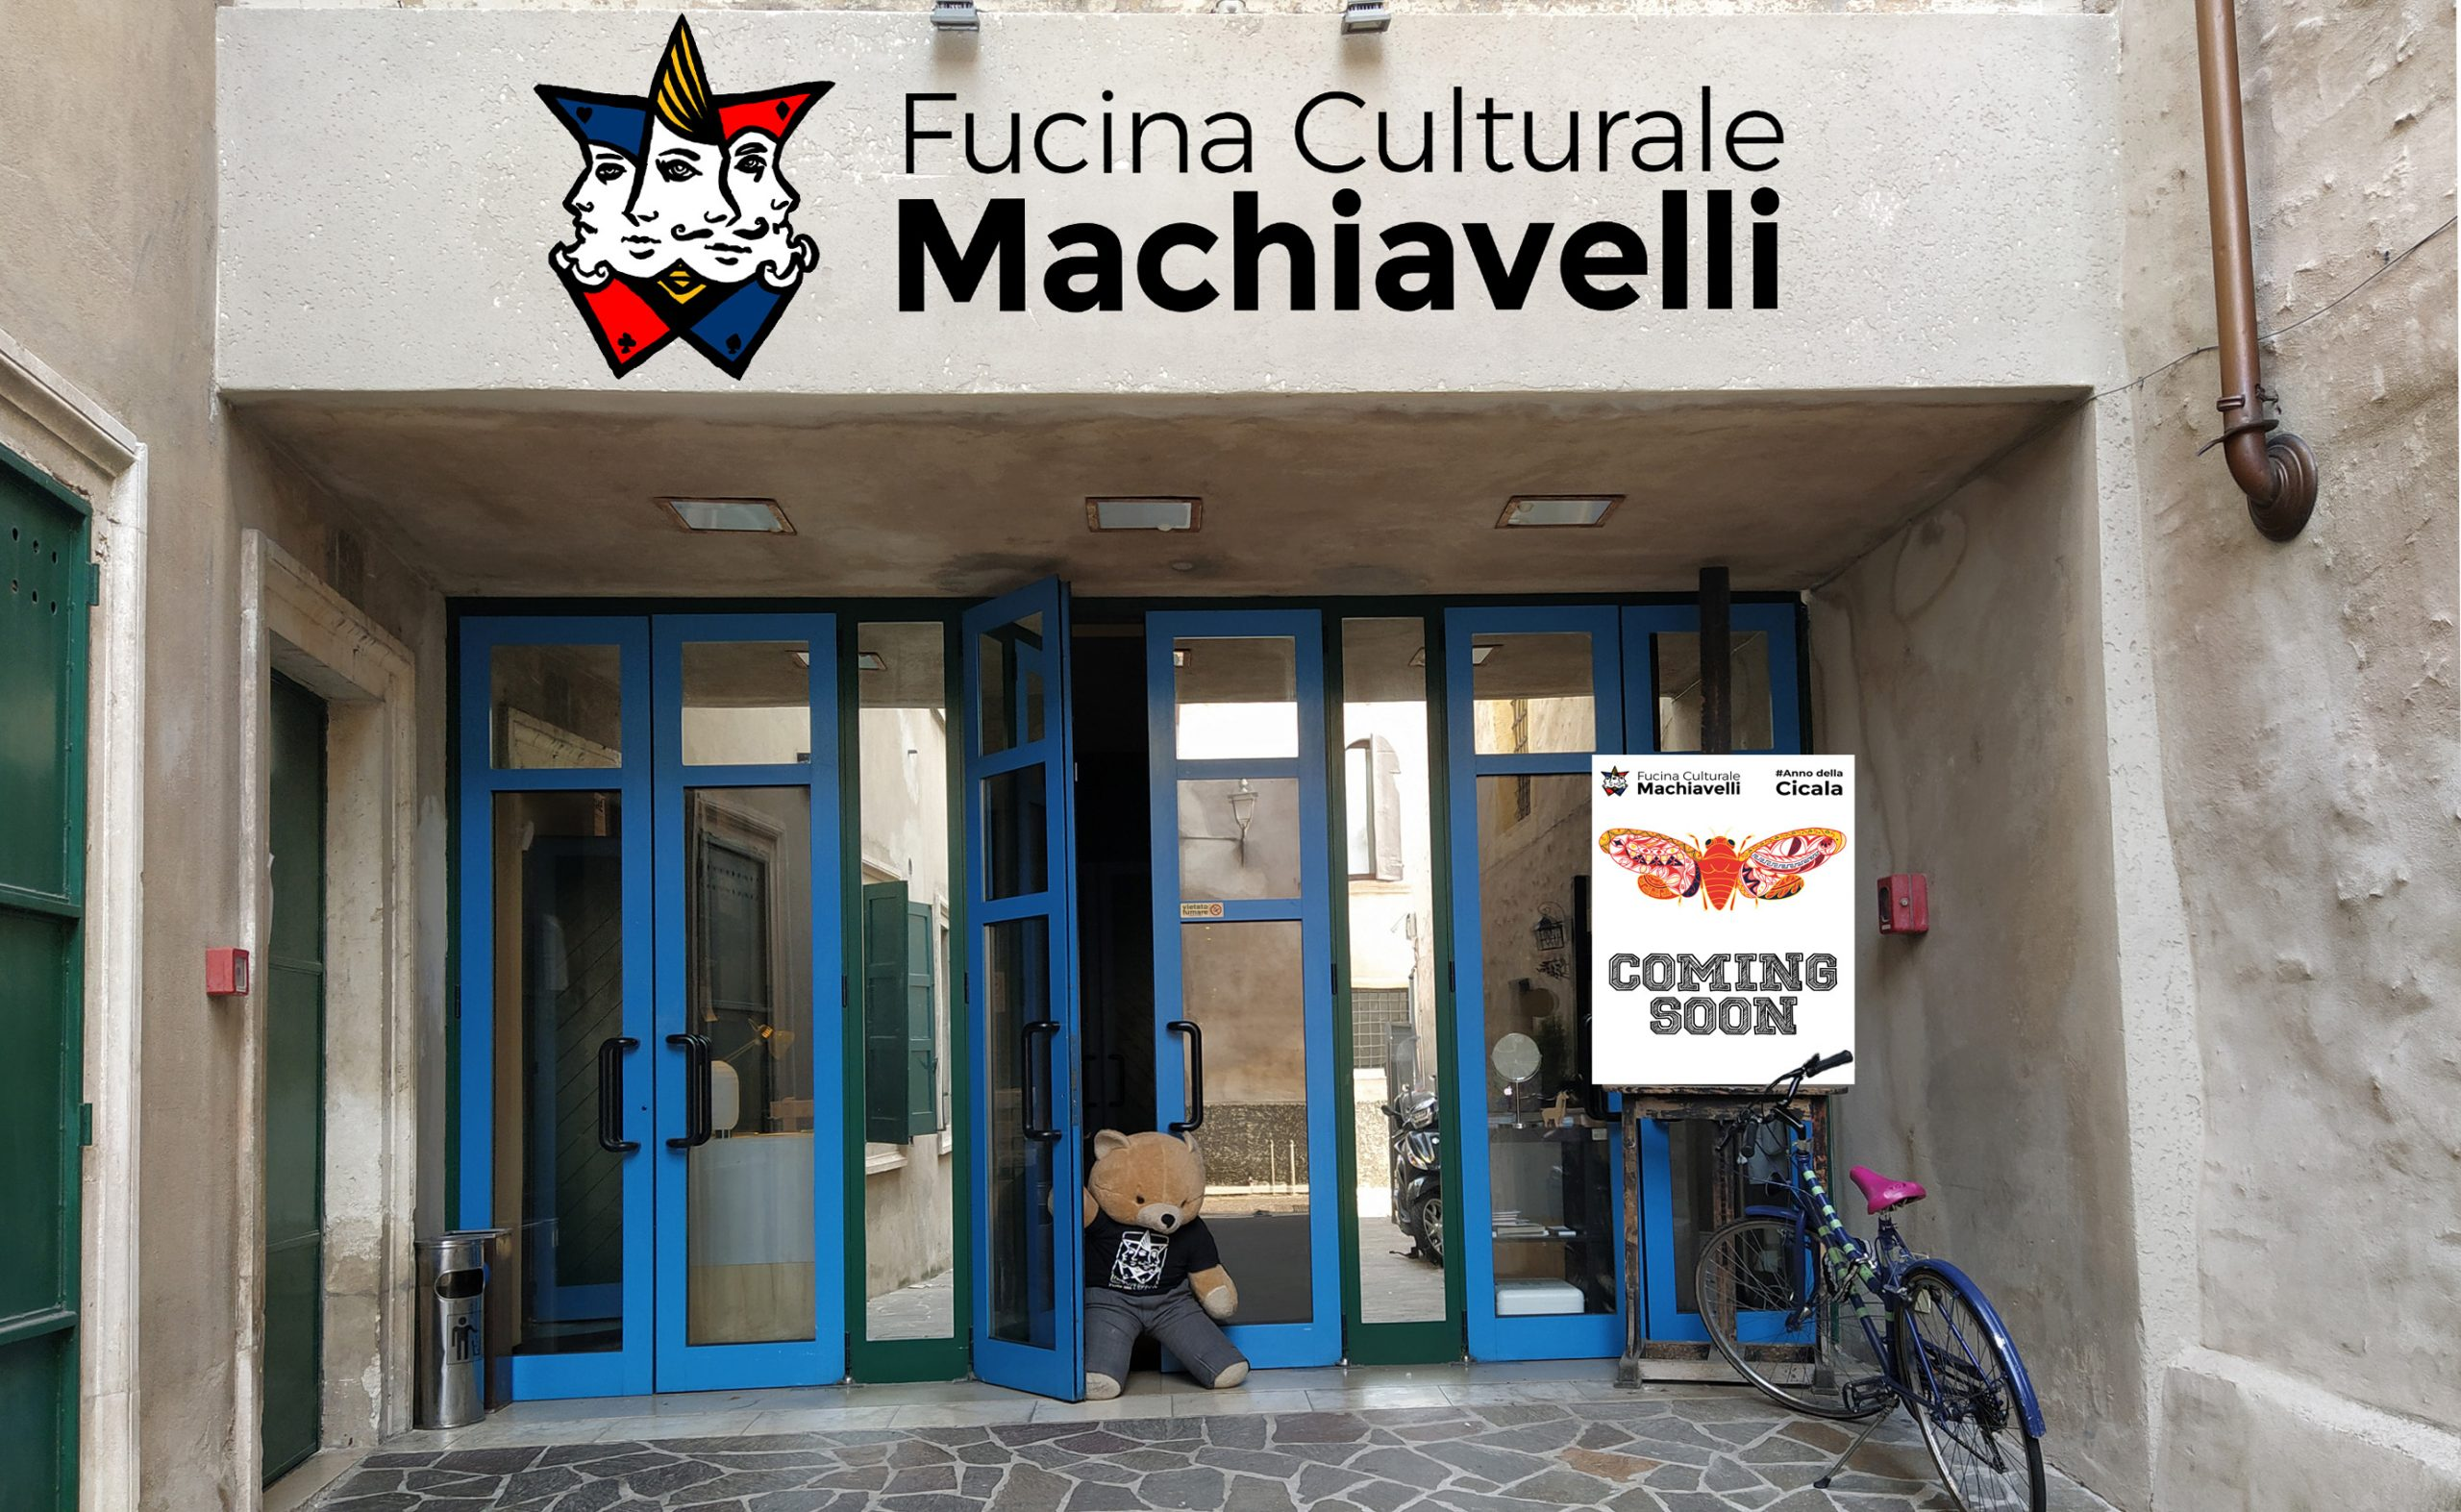 Contest Disegna la tua insegna - Fucina Culturale Machiavelli